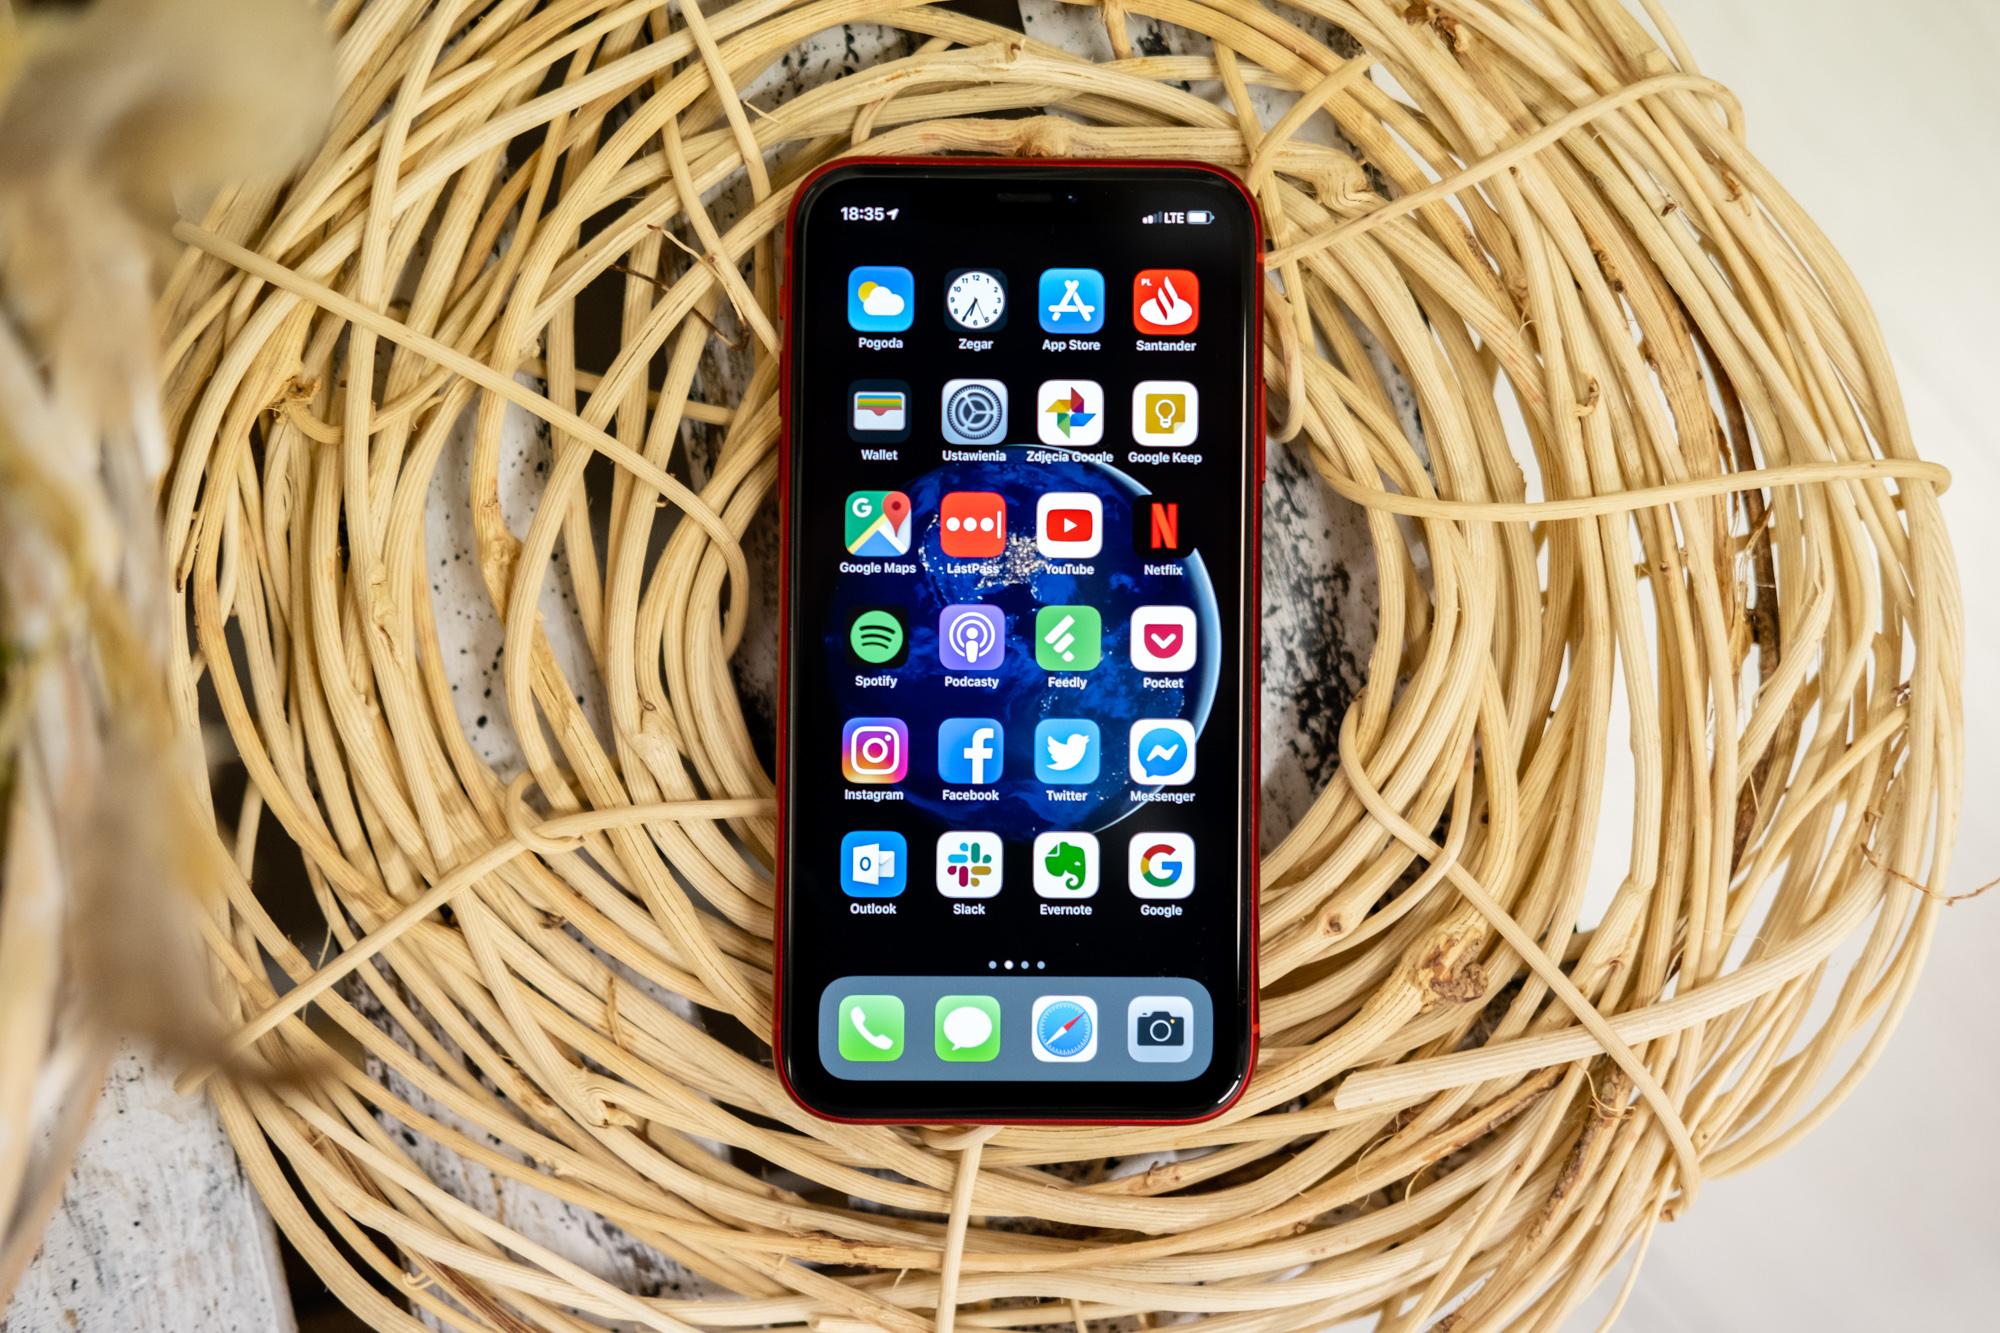 Prezio bikaina: iPhone XR Poloniako merkeena da.  smartphone Apple'PLN 2.699ren truke erosiko duzu